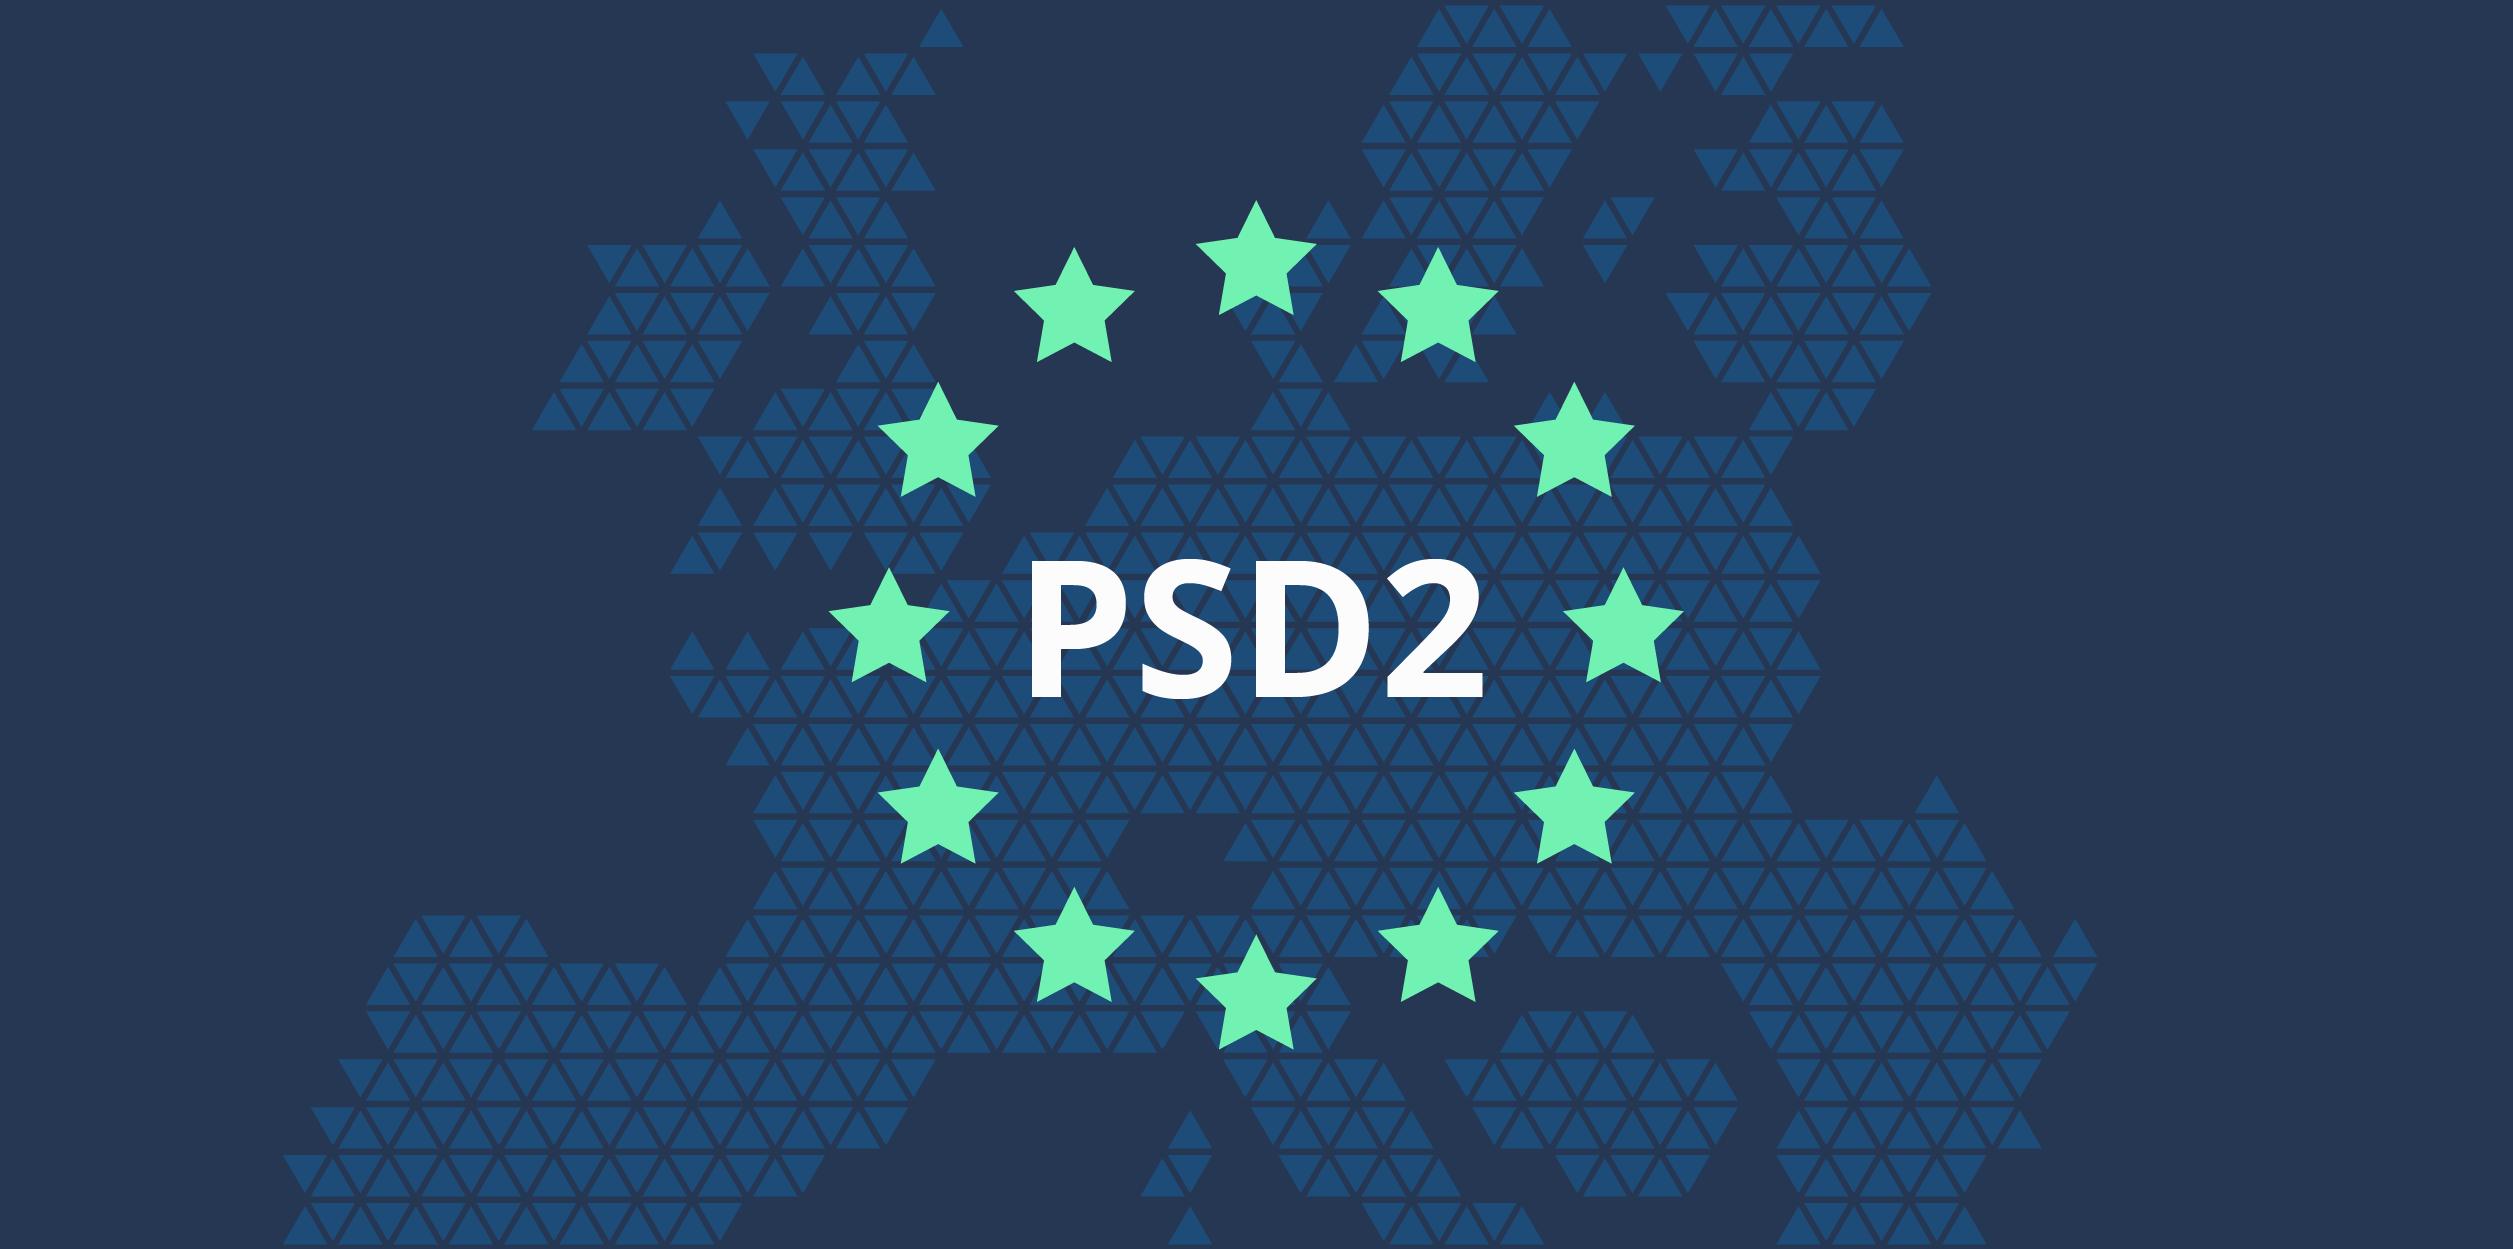 PSD2-for-EU-businesses